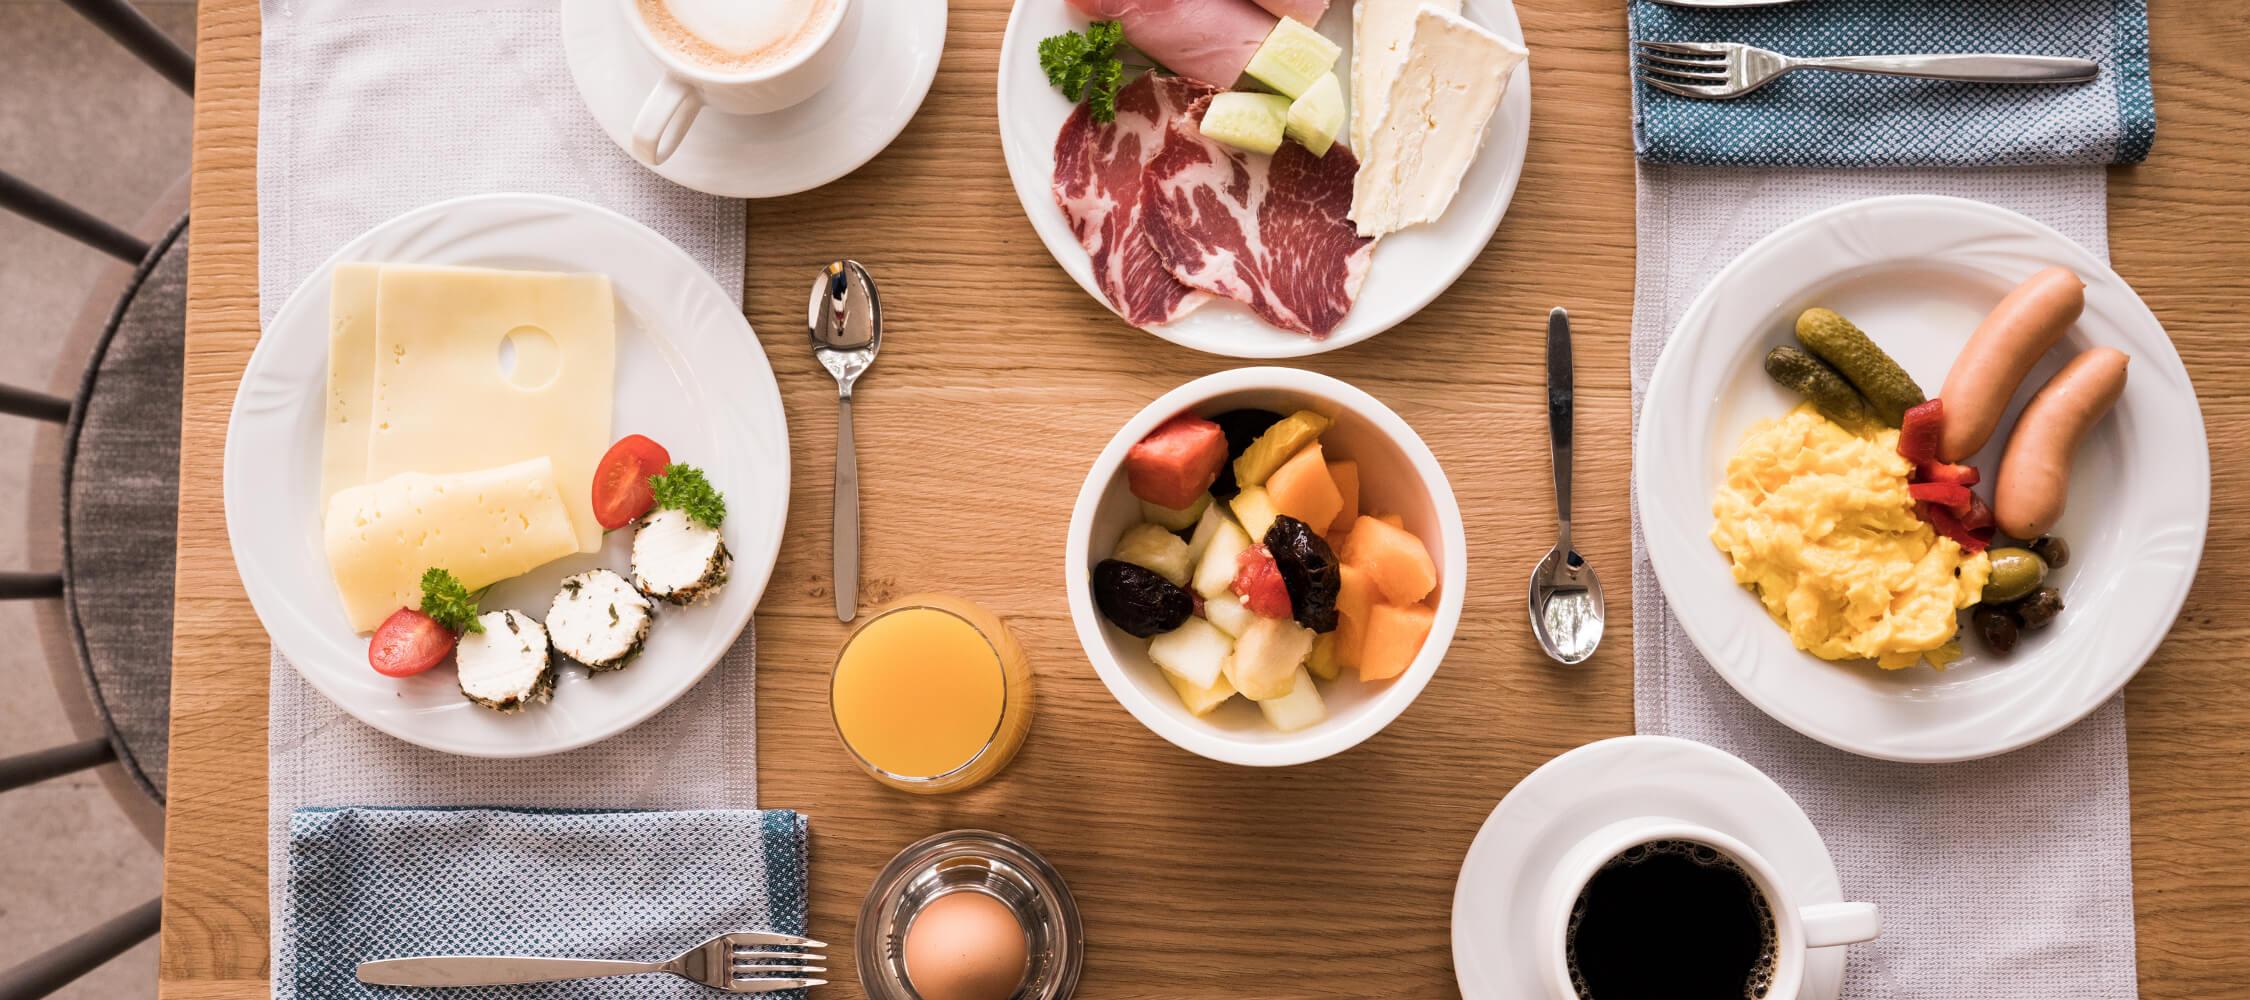 Hotel Flora, Meran, 3 Sterne Hotel, Frühstücksbuffet, regionale Produkte, Kaffeespezialitäten, Südtiroler Qualtiätsprodukte